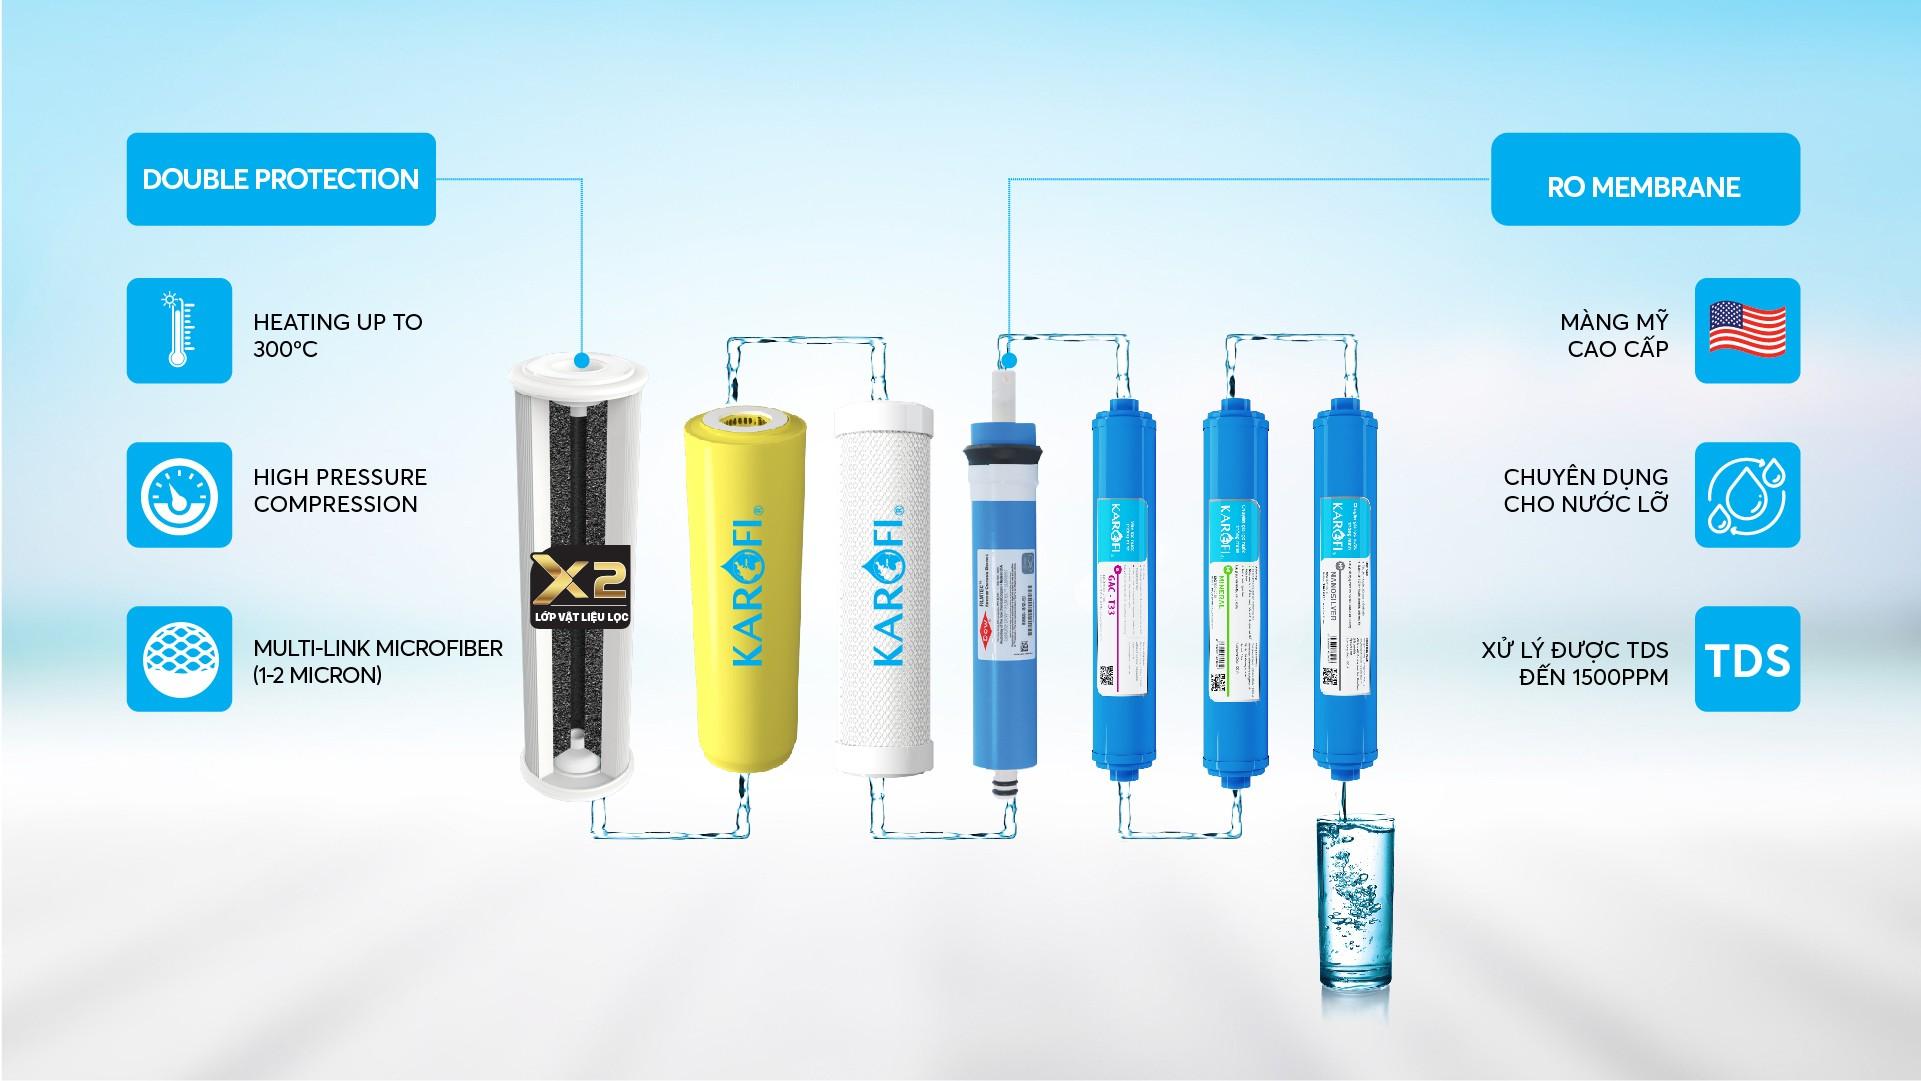 karofi-kbw-8ro-brackish-water-purifier-4